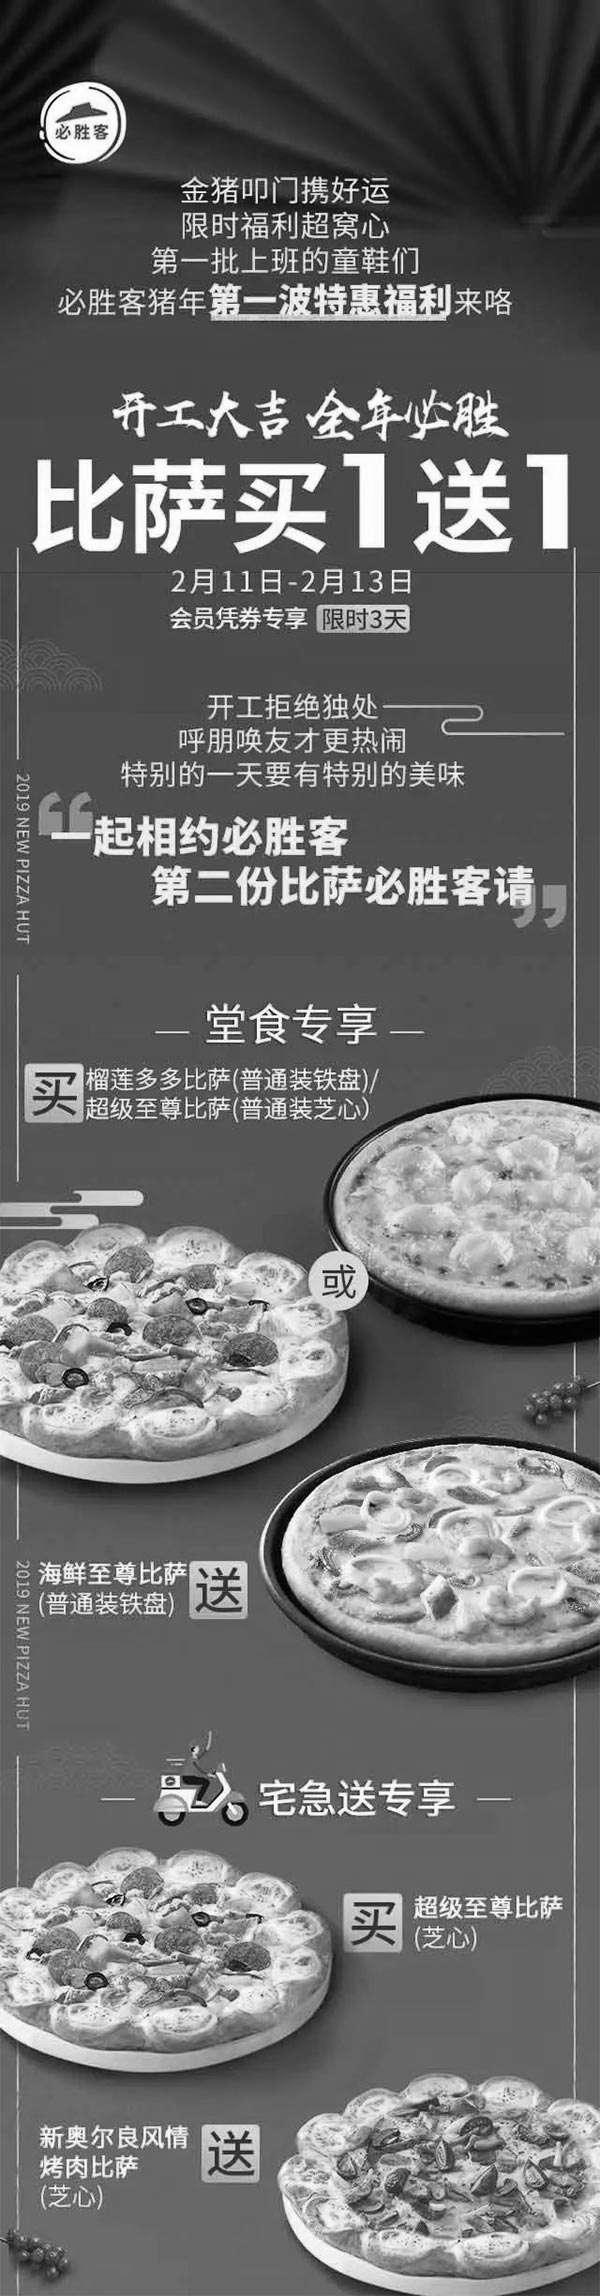 黑白优惠券图片:必胜客2019开工大吉 比萨买一送一 - www.5ikfc.com